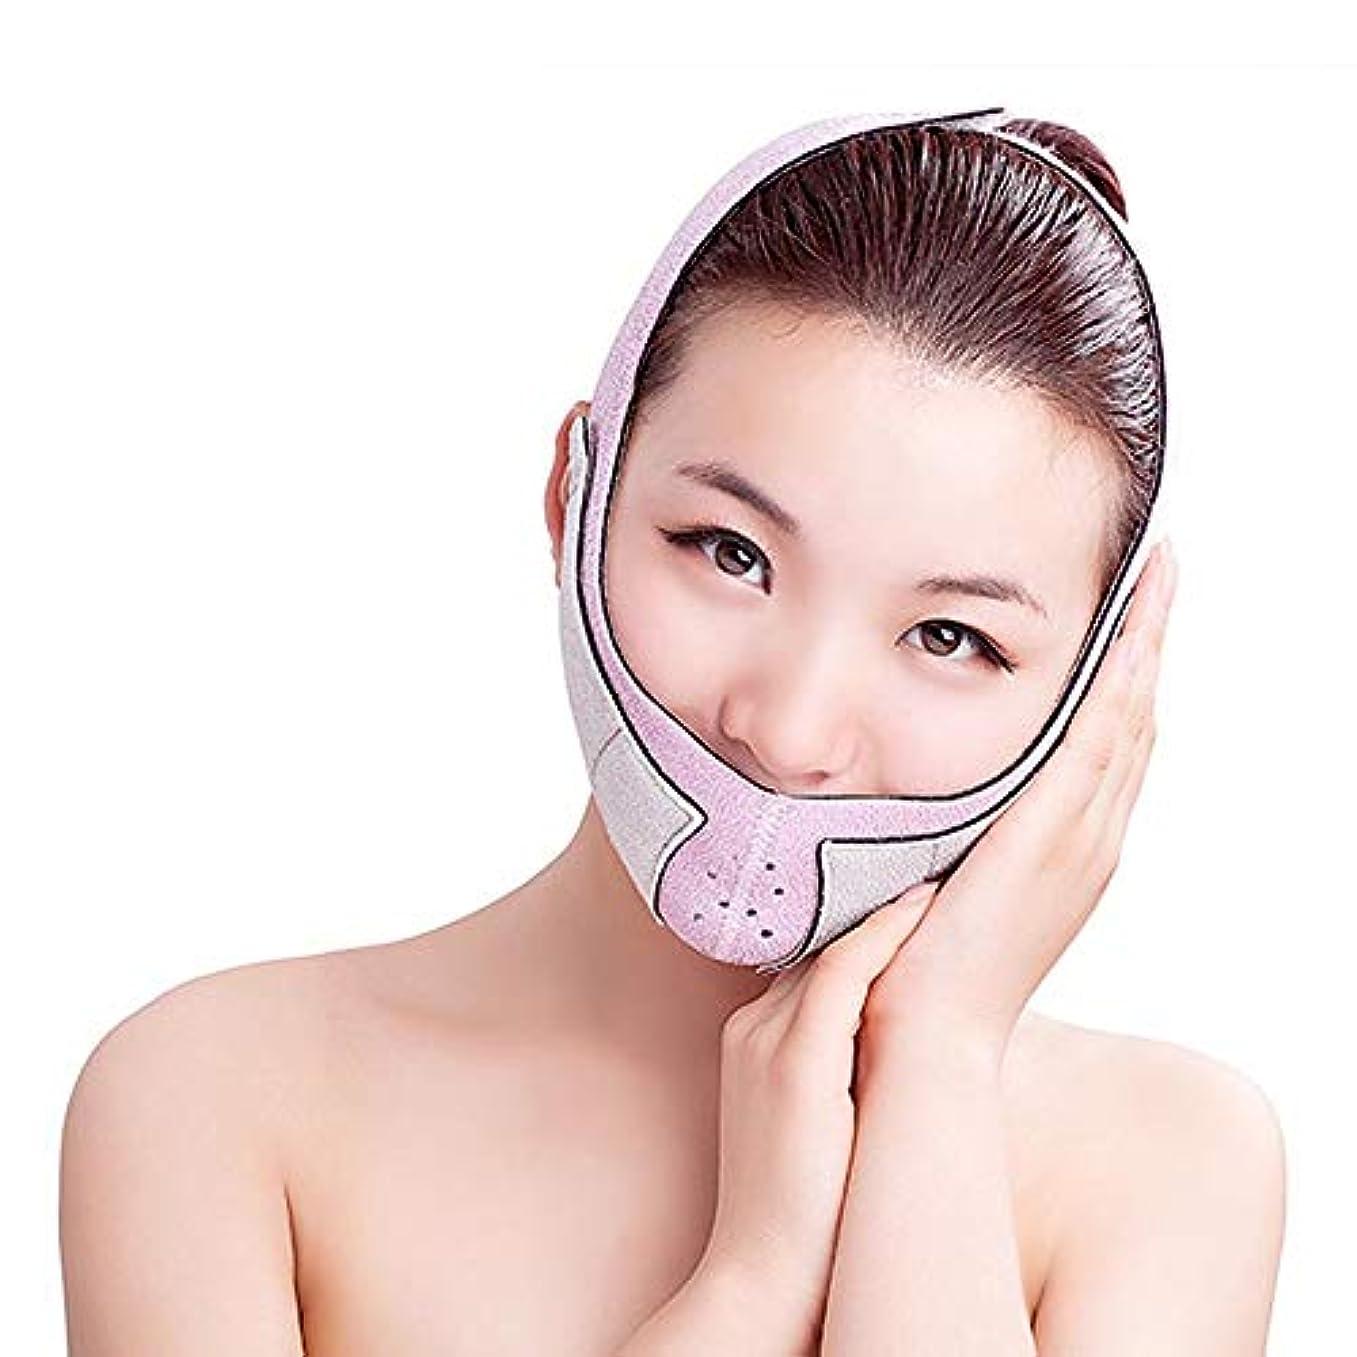 項目検閲うぬぼれたフェイスリフトベルト 薄い顔のベルト - 薄い顔のベルト通気性の補正3D薄い顔のV顔のベルトの包帯薄い顔のアーティファクト (色 : B)